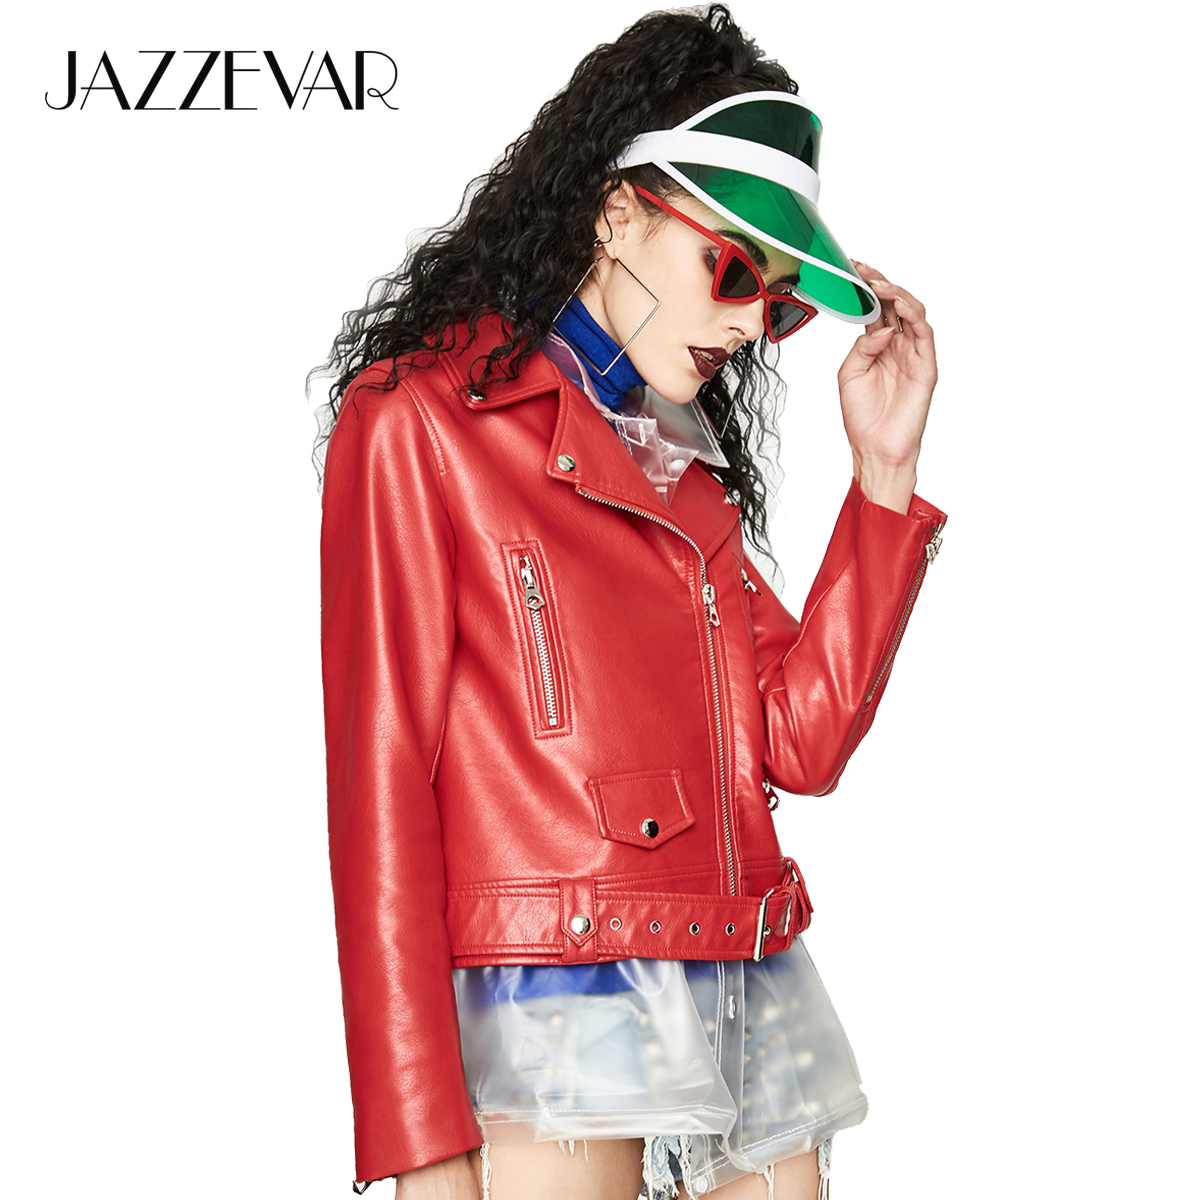 JAZZEVAR 2019 Autumn New Fashion Street Women s Washed PU Leather Jacket Short Zipper Ladies Basic